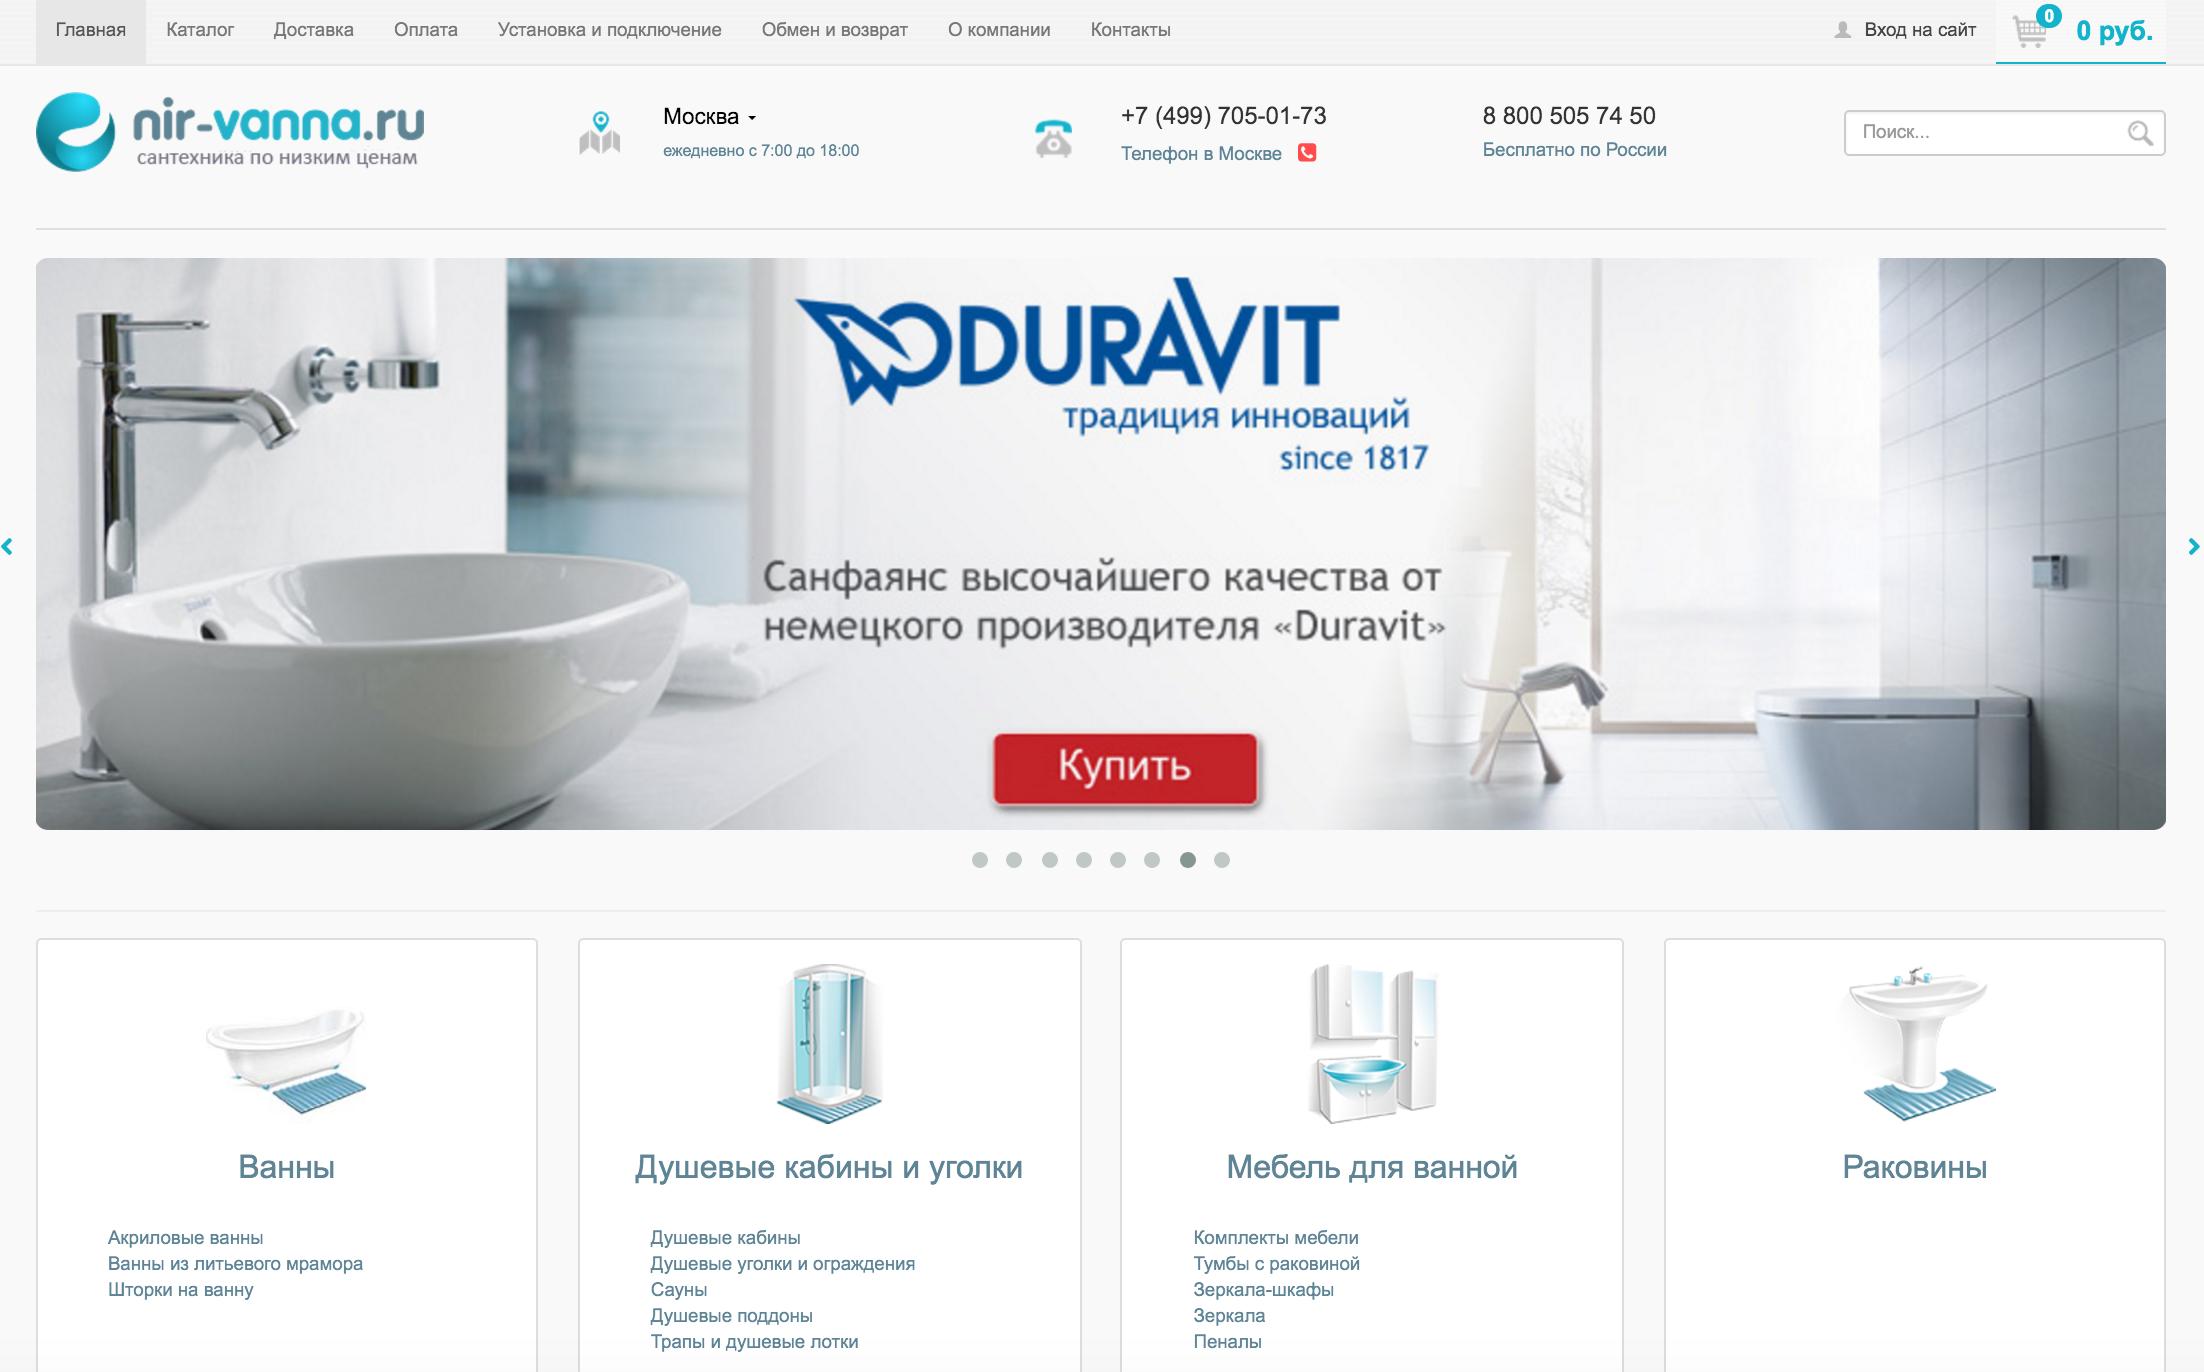 Всероссийский магазин сантехники: комплексное продвижение